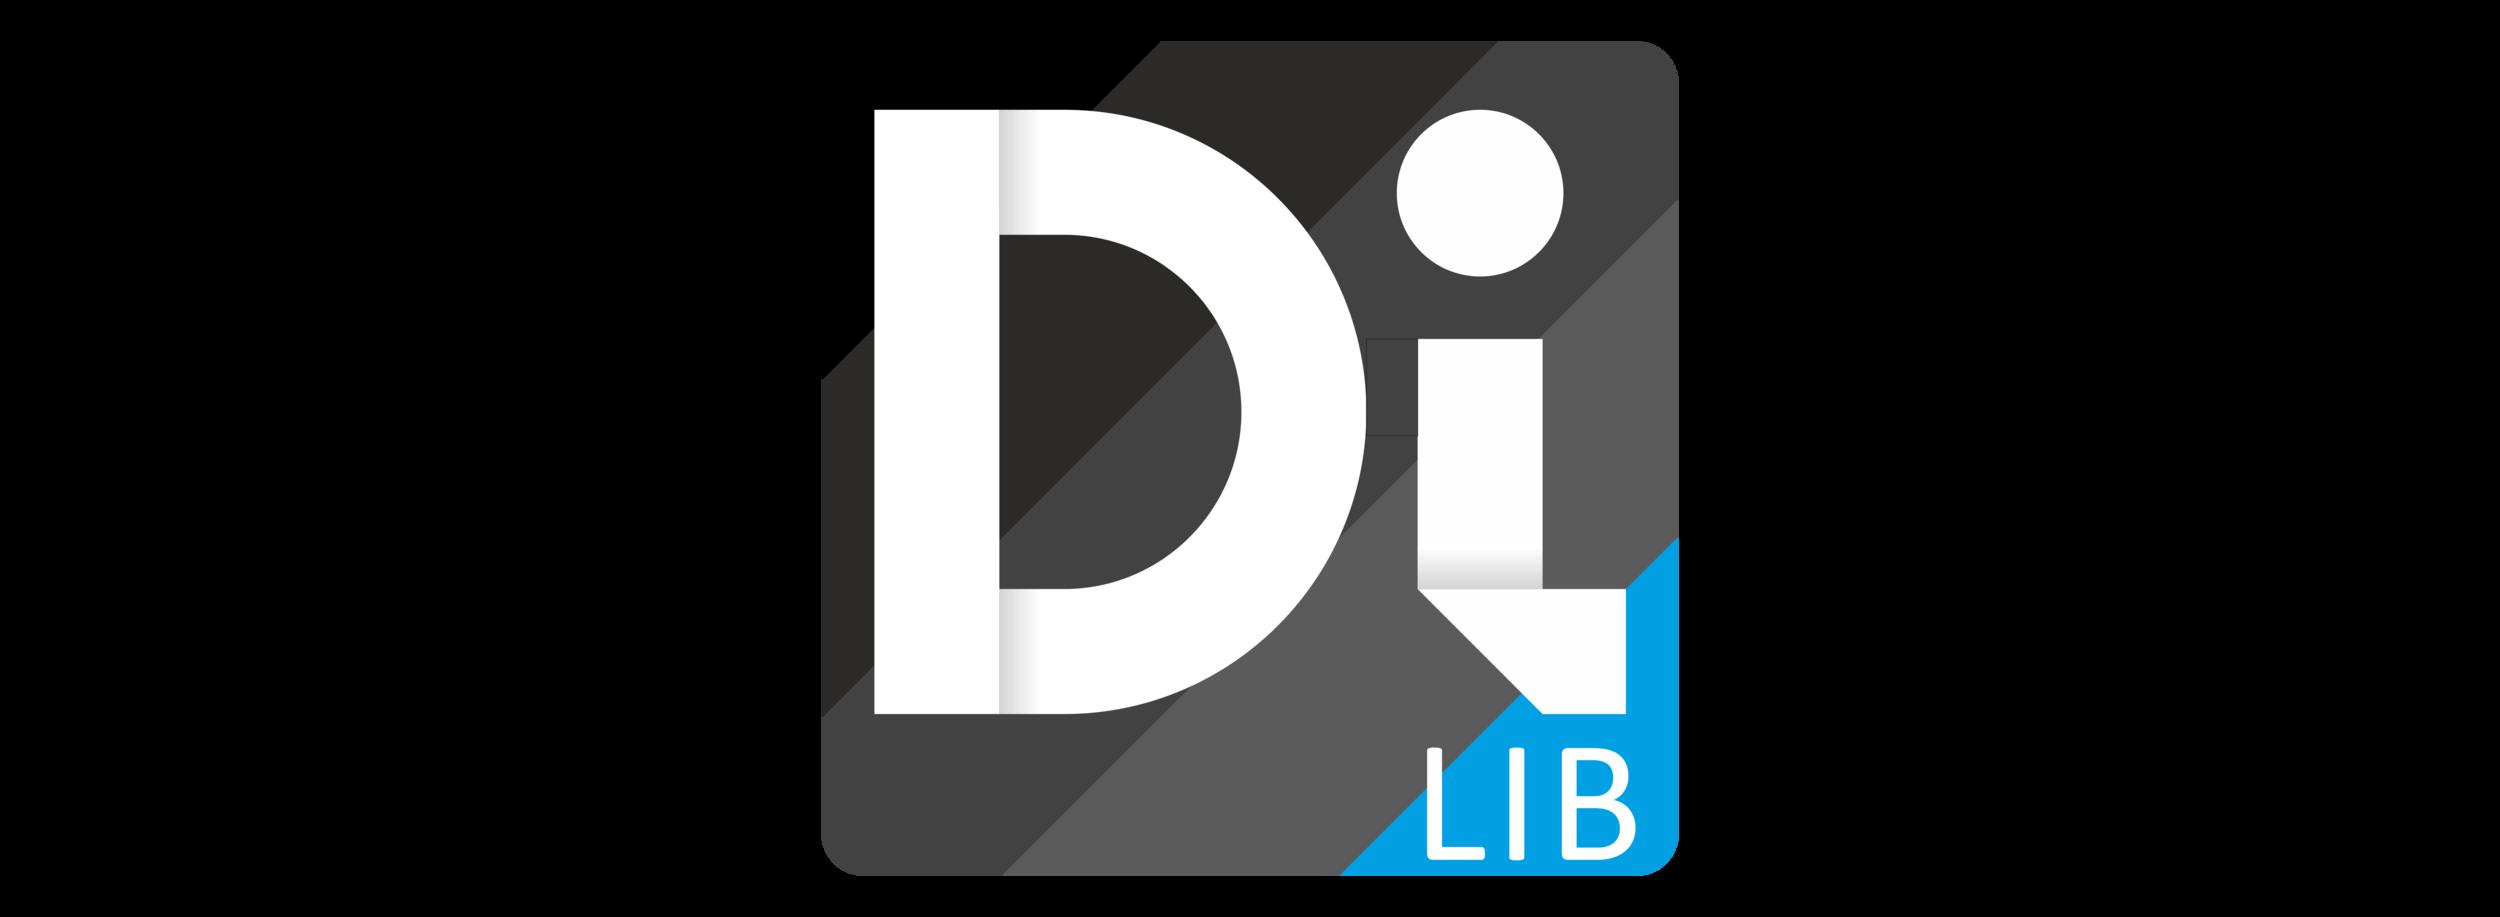 deinterlacer_wide_logo.png